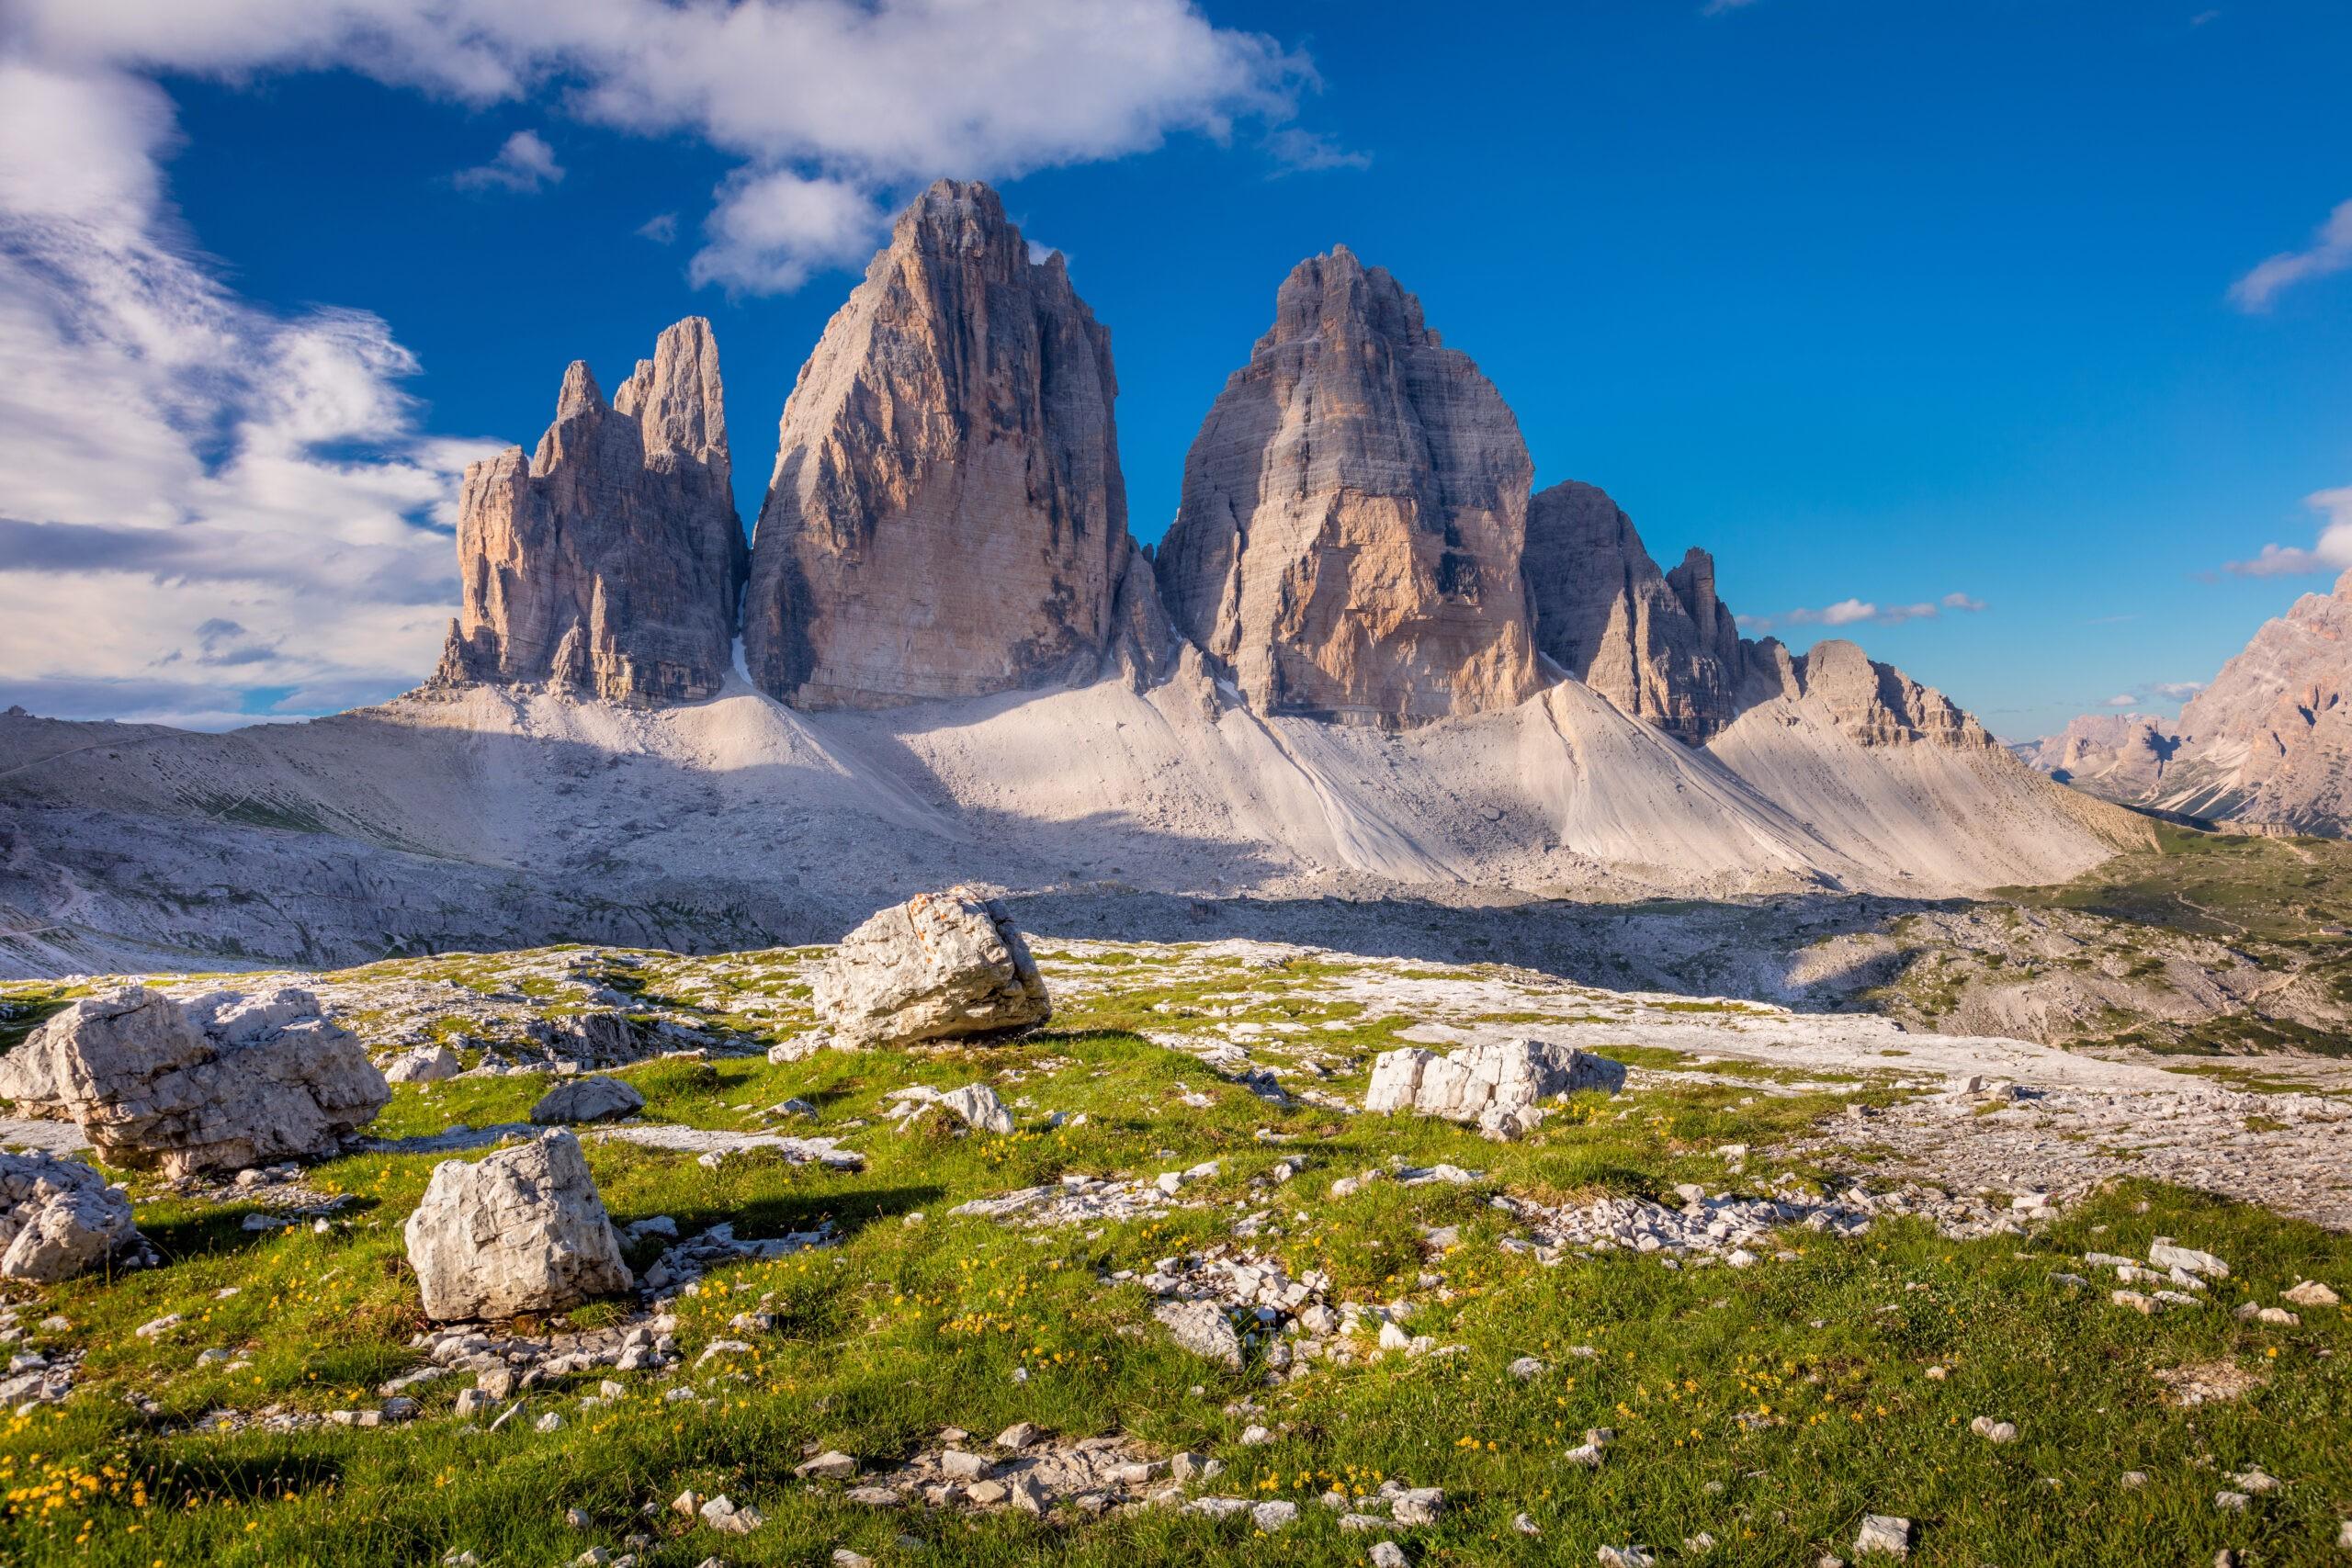 Piękny poranek w górach Tre Cime di Lavaredo z błękitnym niebem, Alpy Dolomity, Włochy